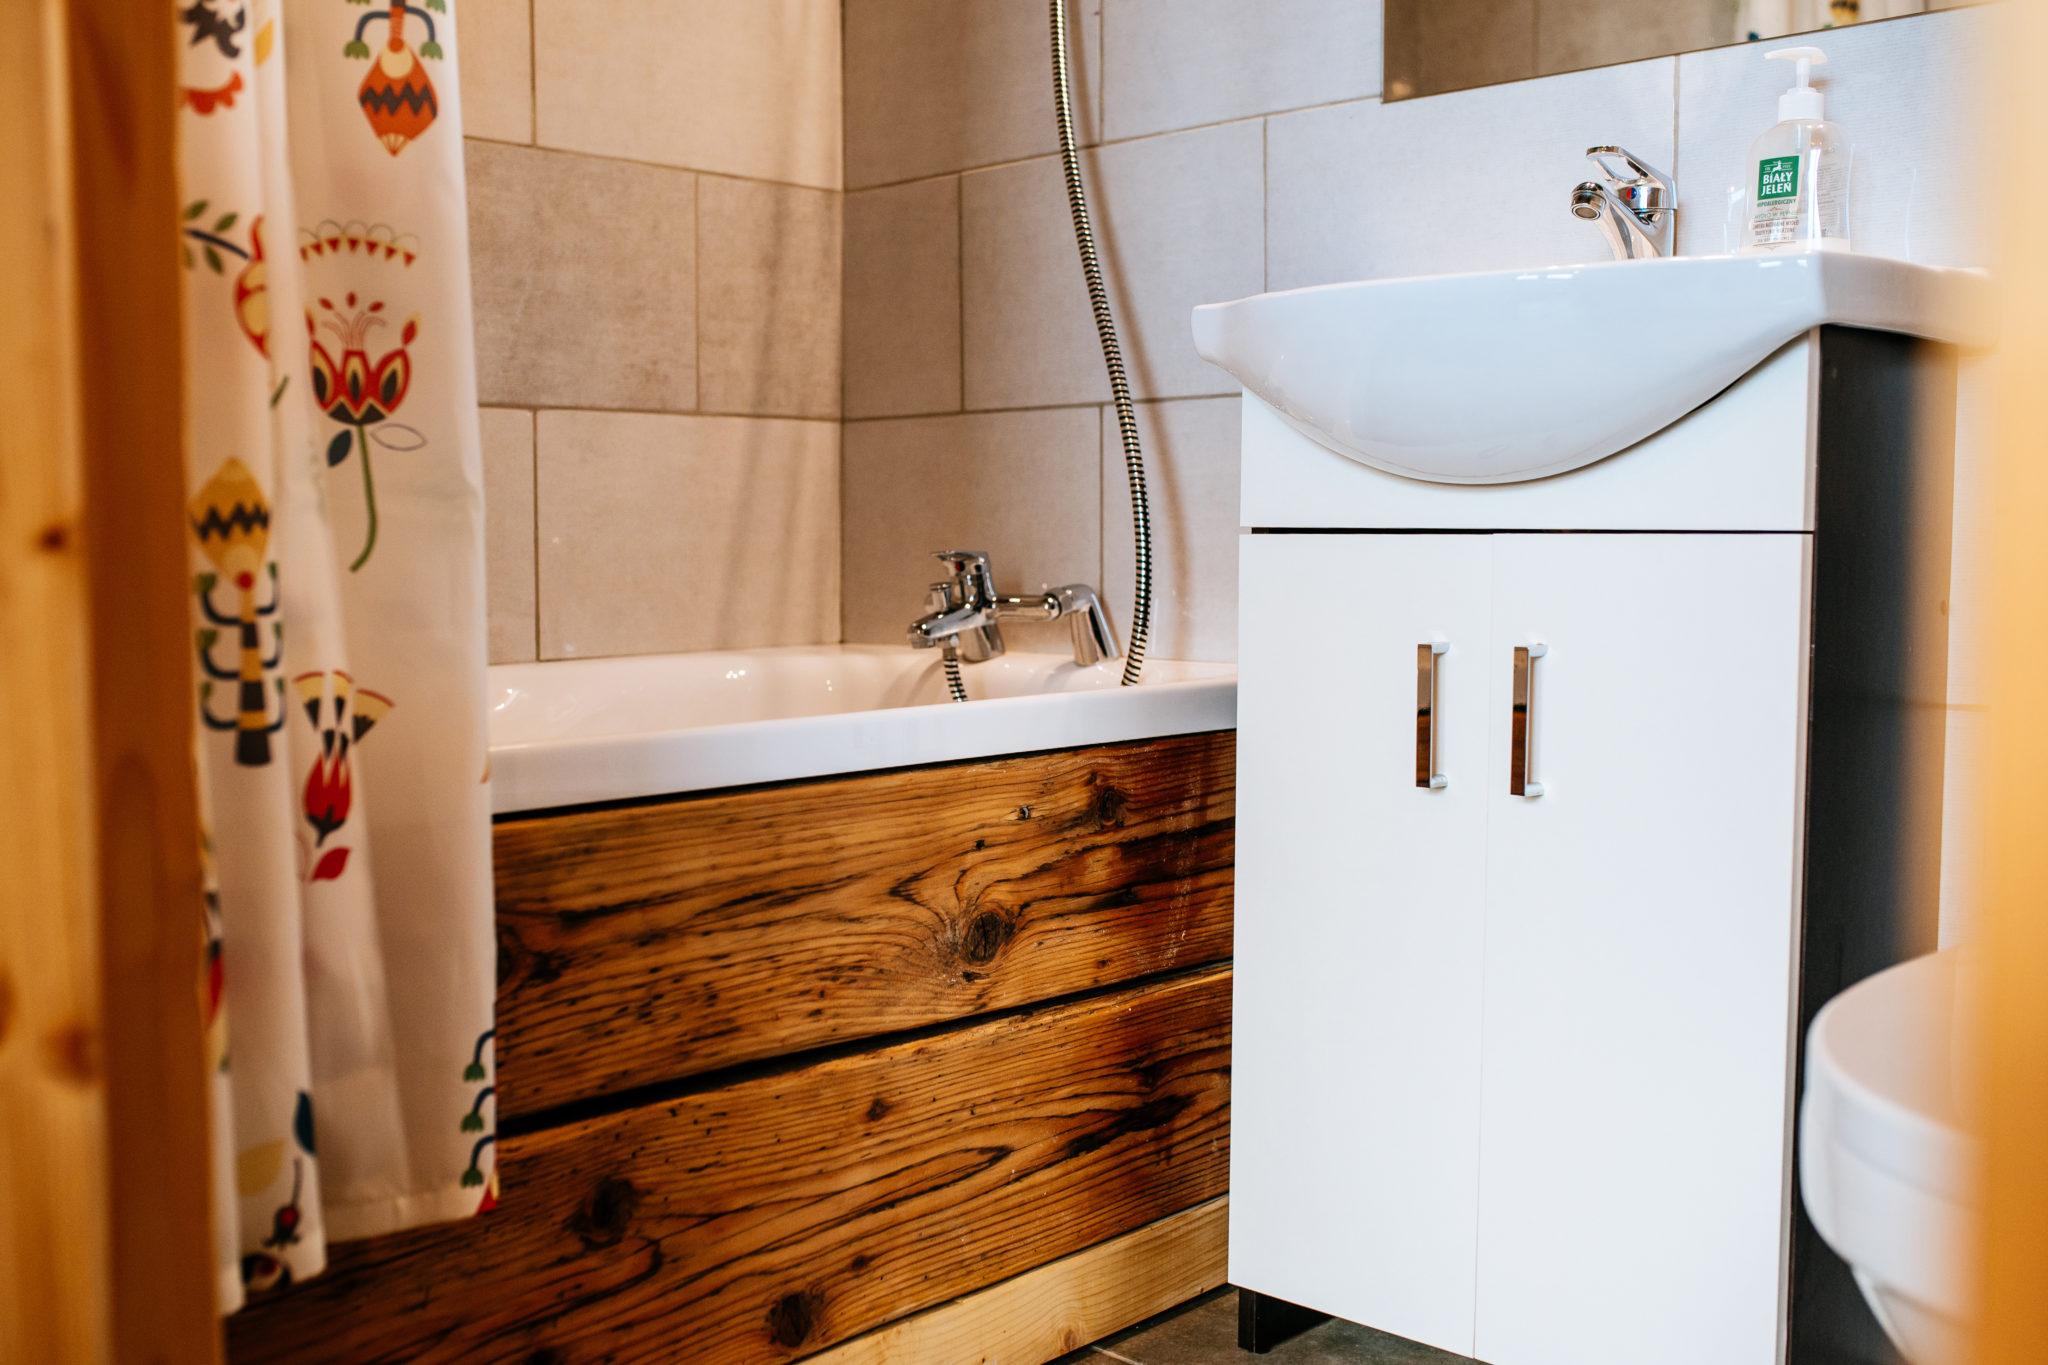 łazienka pokoju dwuosobowego w eko chacie